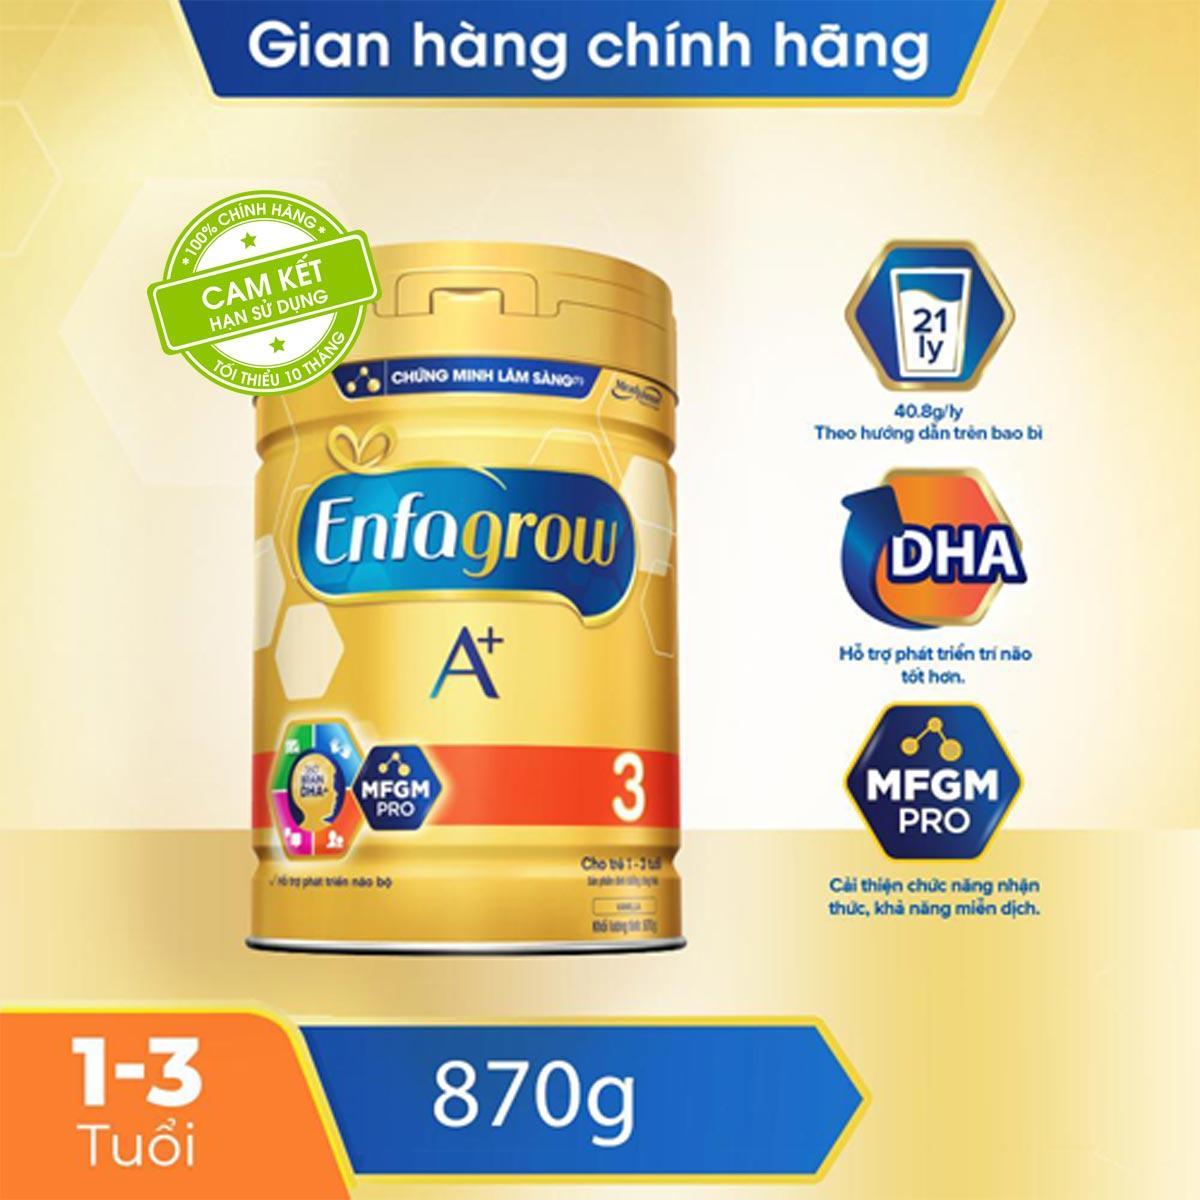 Deal Khuyến Mại Sữa Bột Enfagrow A+ 3 Cho Trẻ Từ 1-3 Tuổi (870g) - Cam Kết HSD Còn ít Nhất 10 Tháng